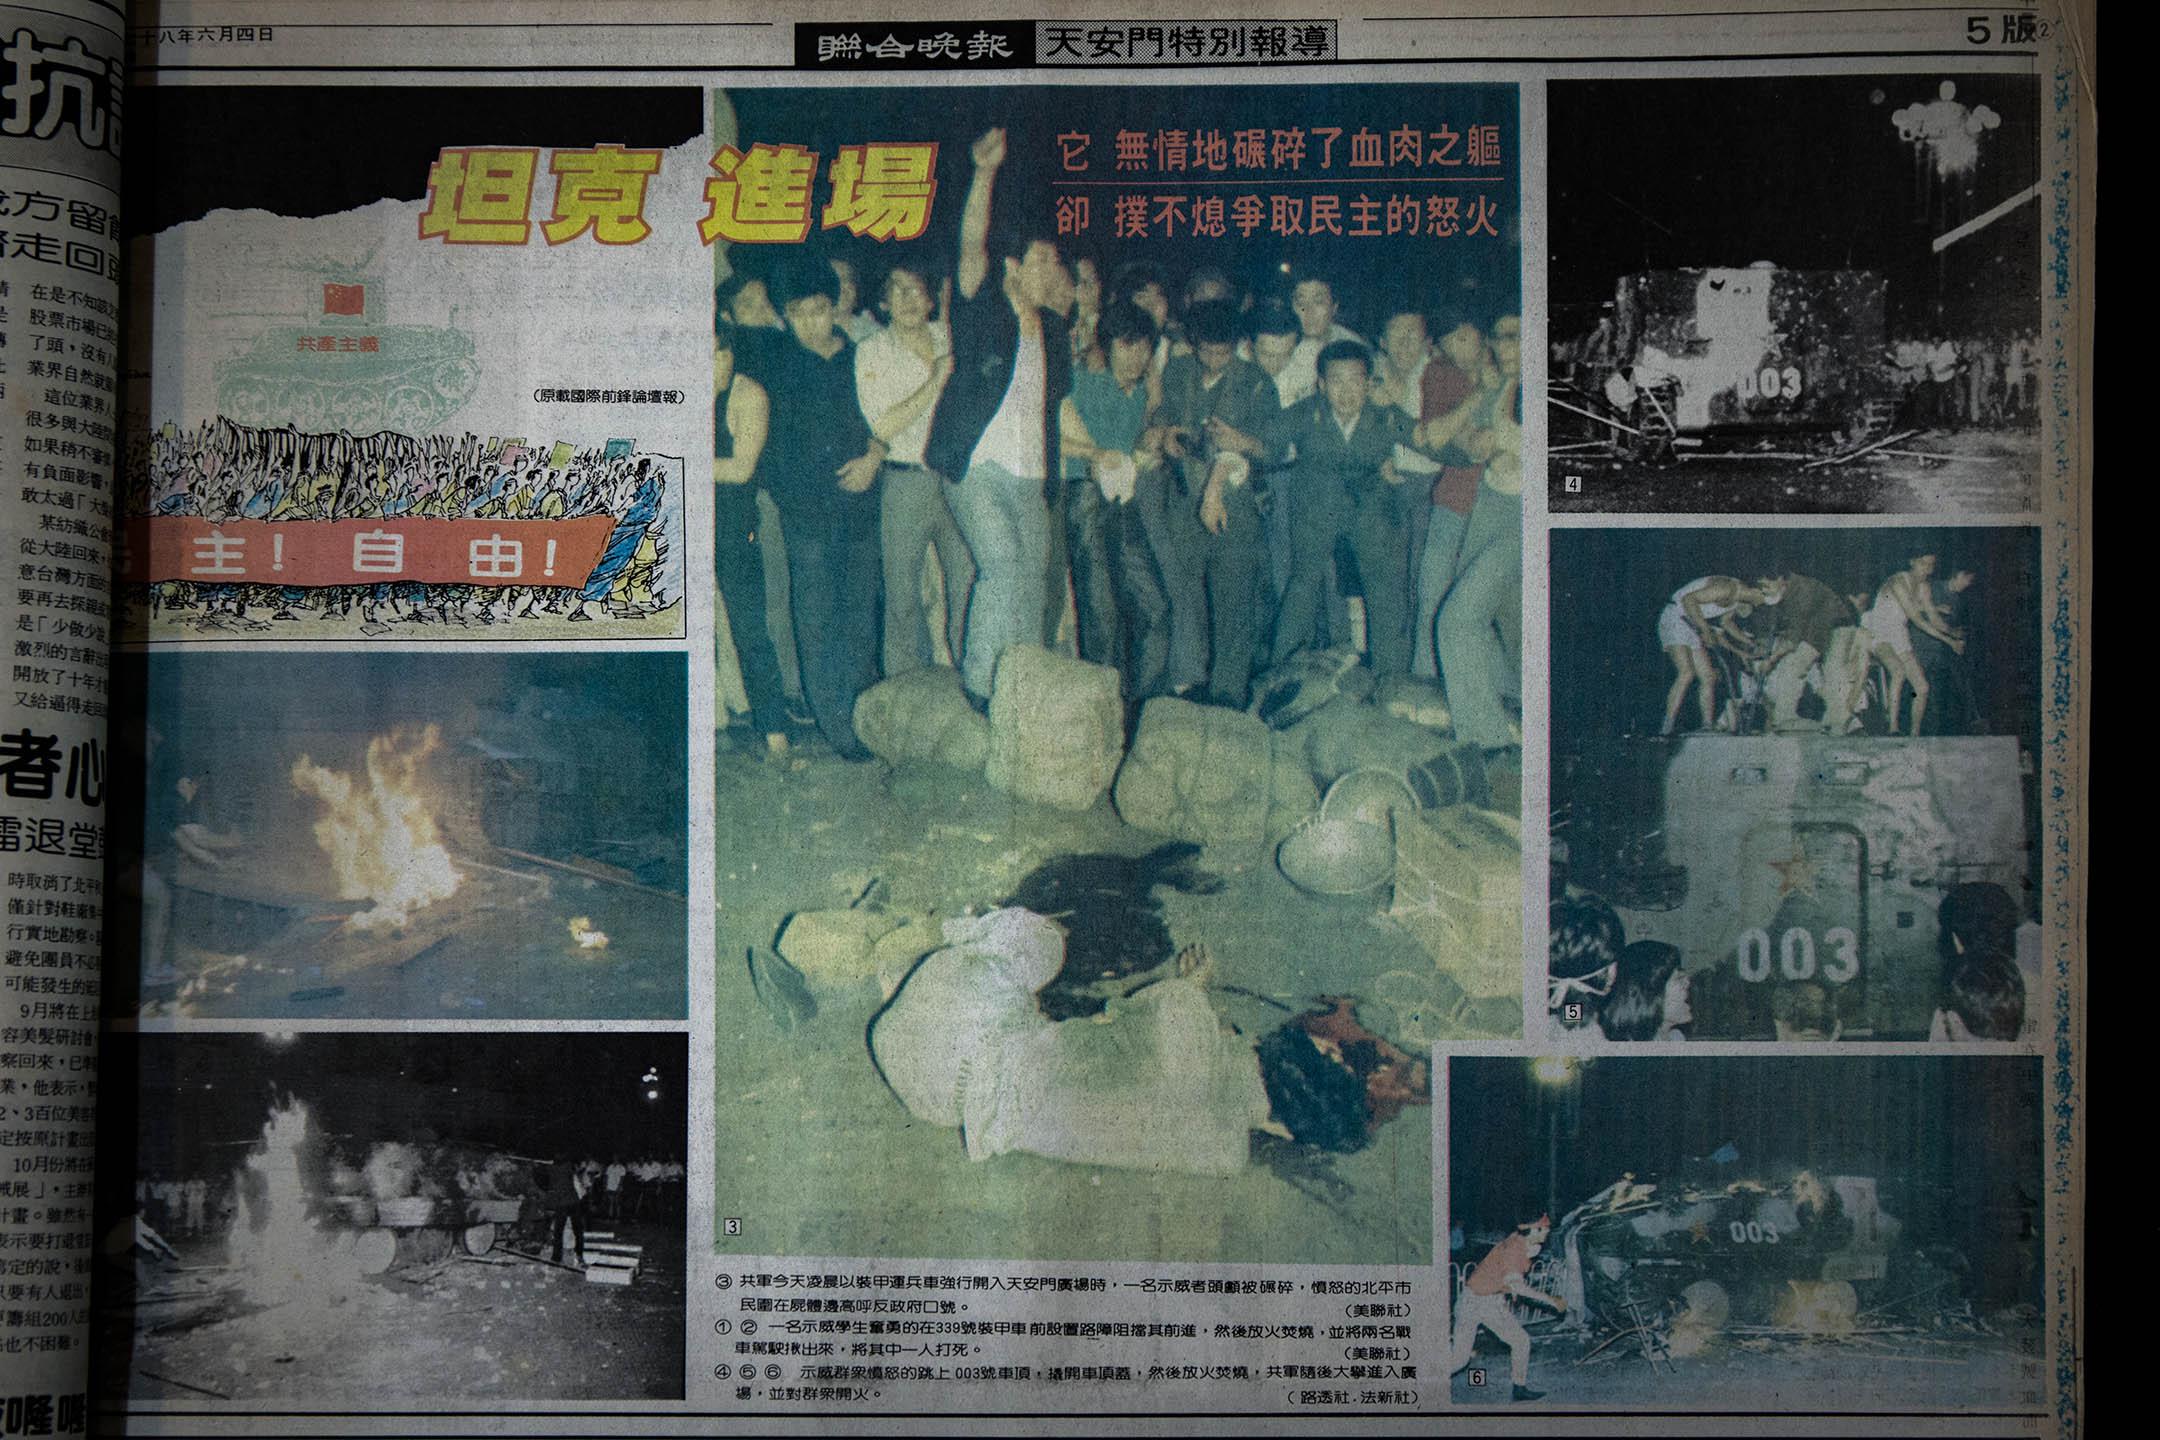 一九八九年六月四日的《聯合晚報》。 攝:陳焯煇/端傳媒